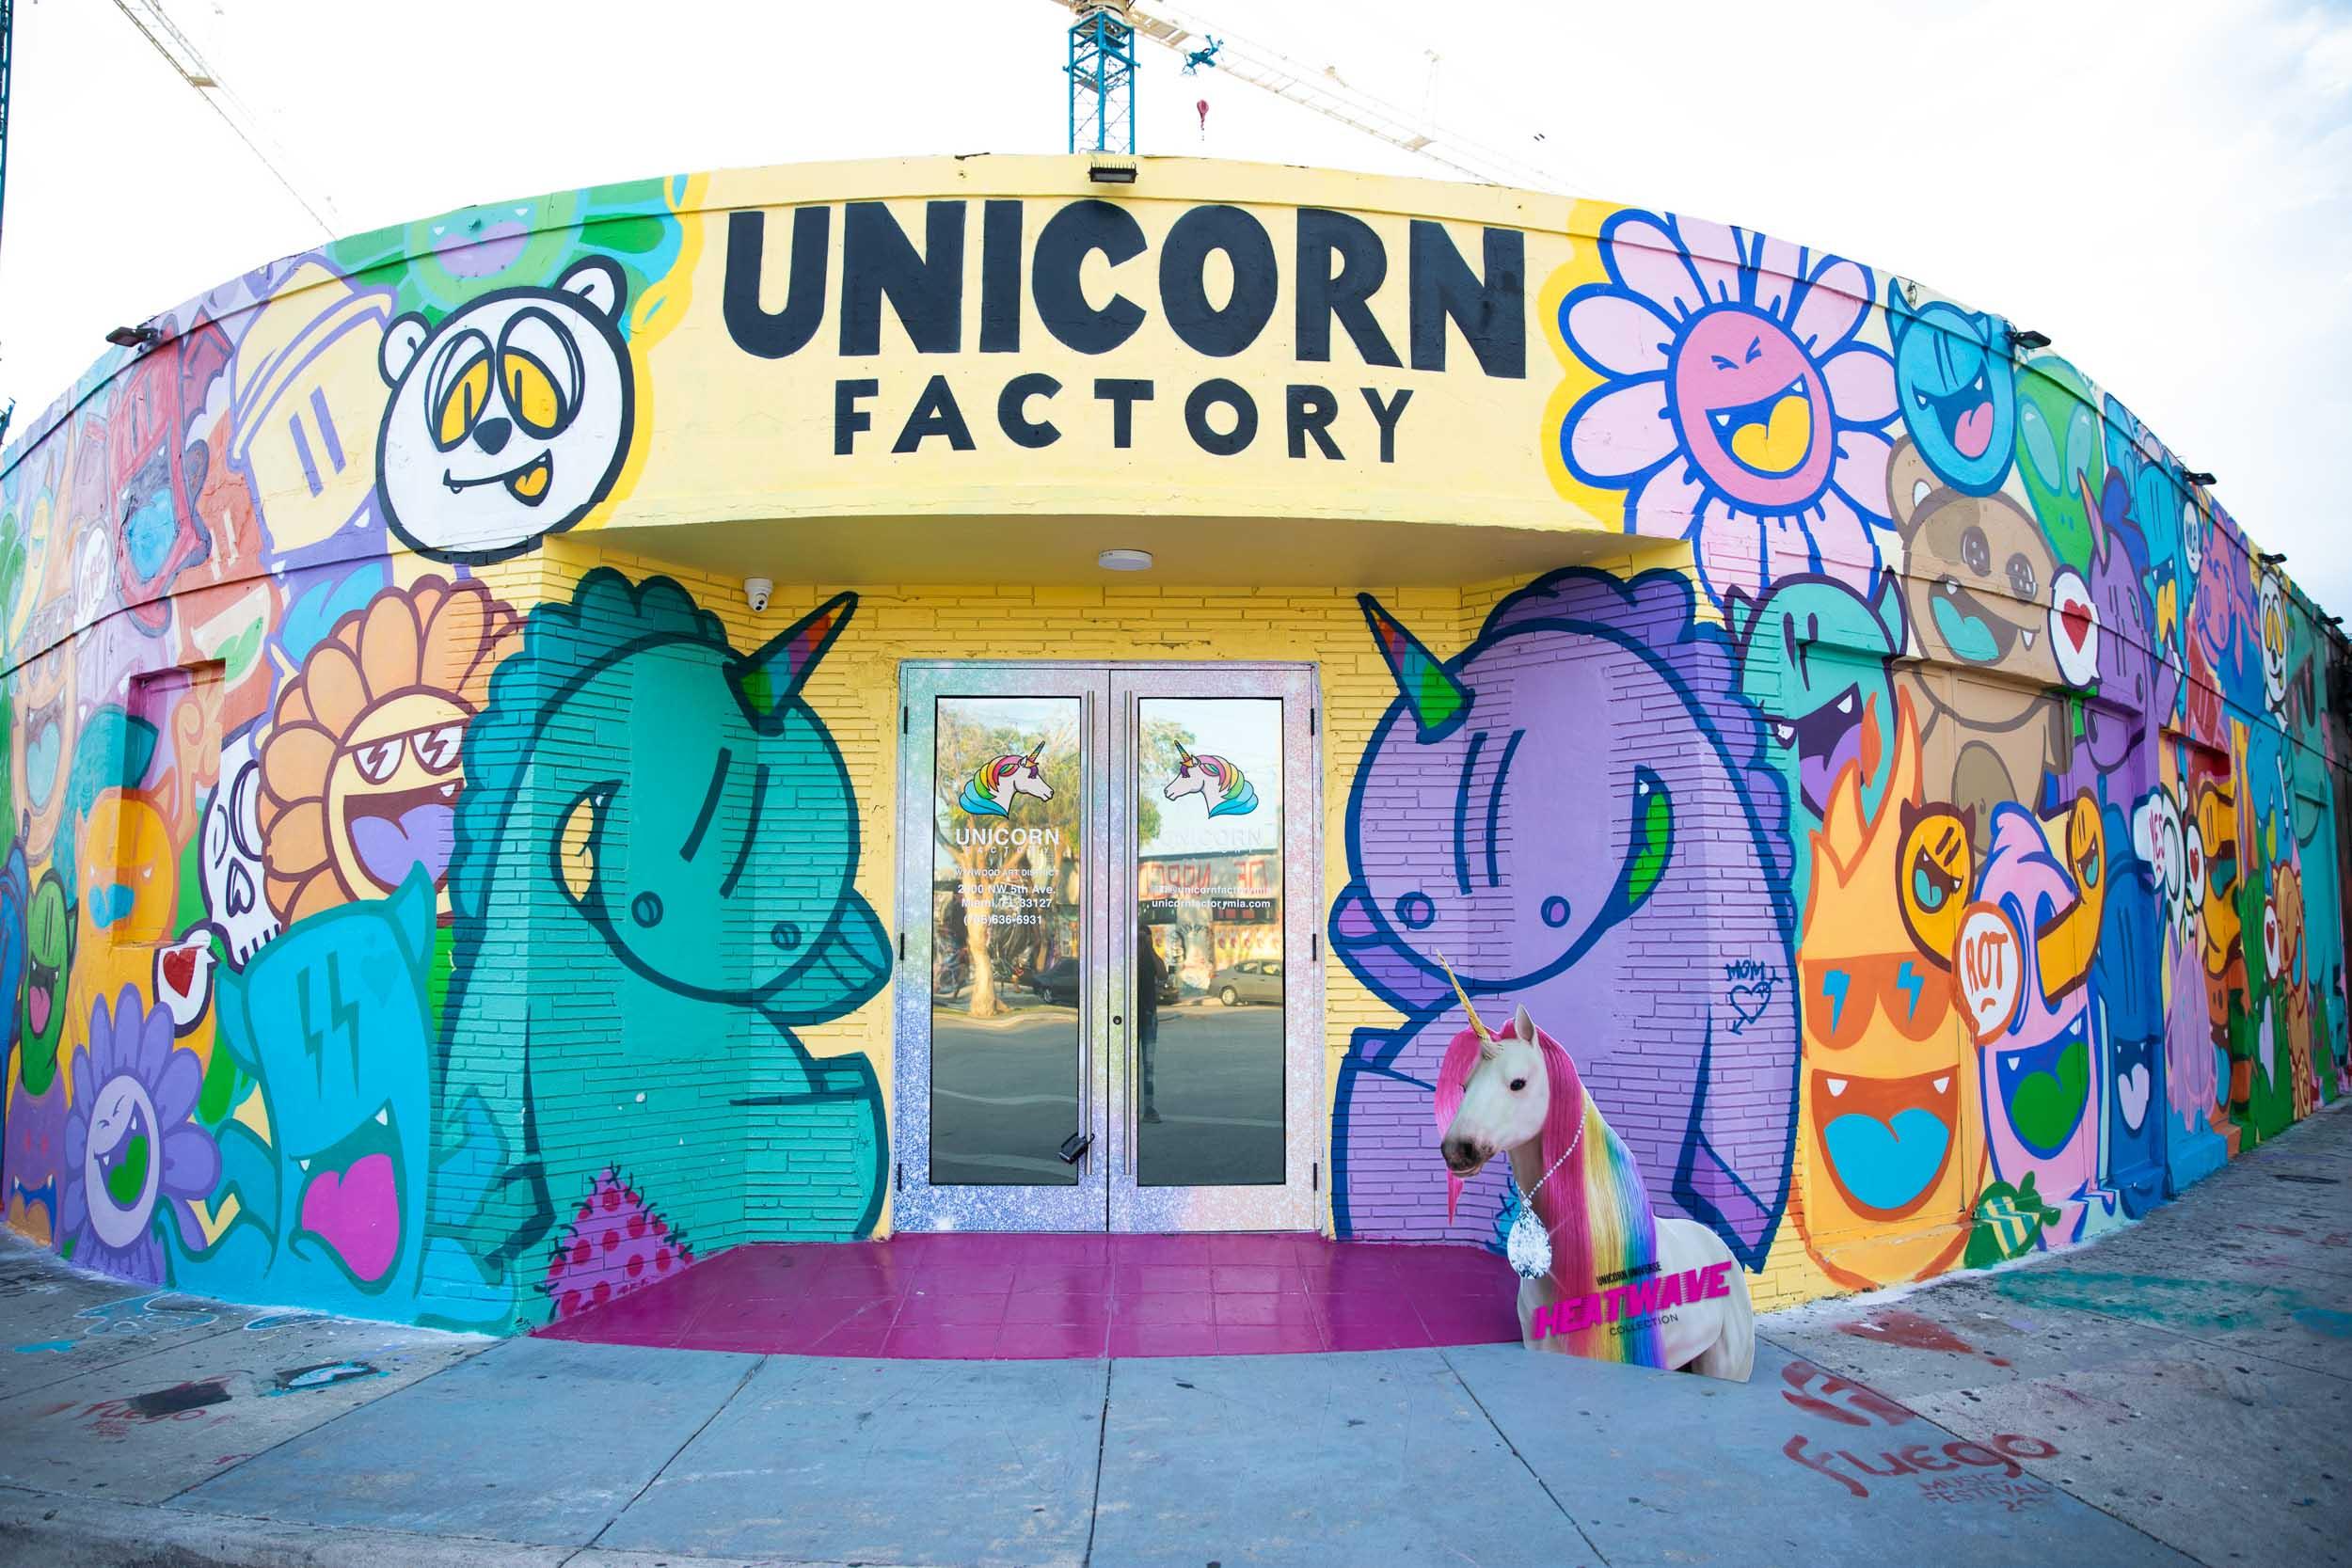 Hero-Unicorn Factory